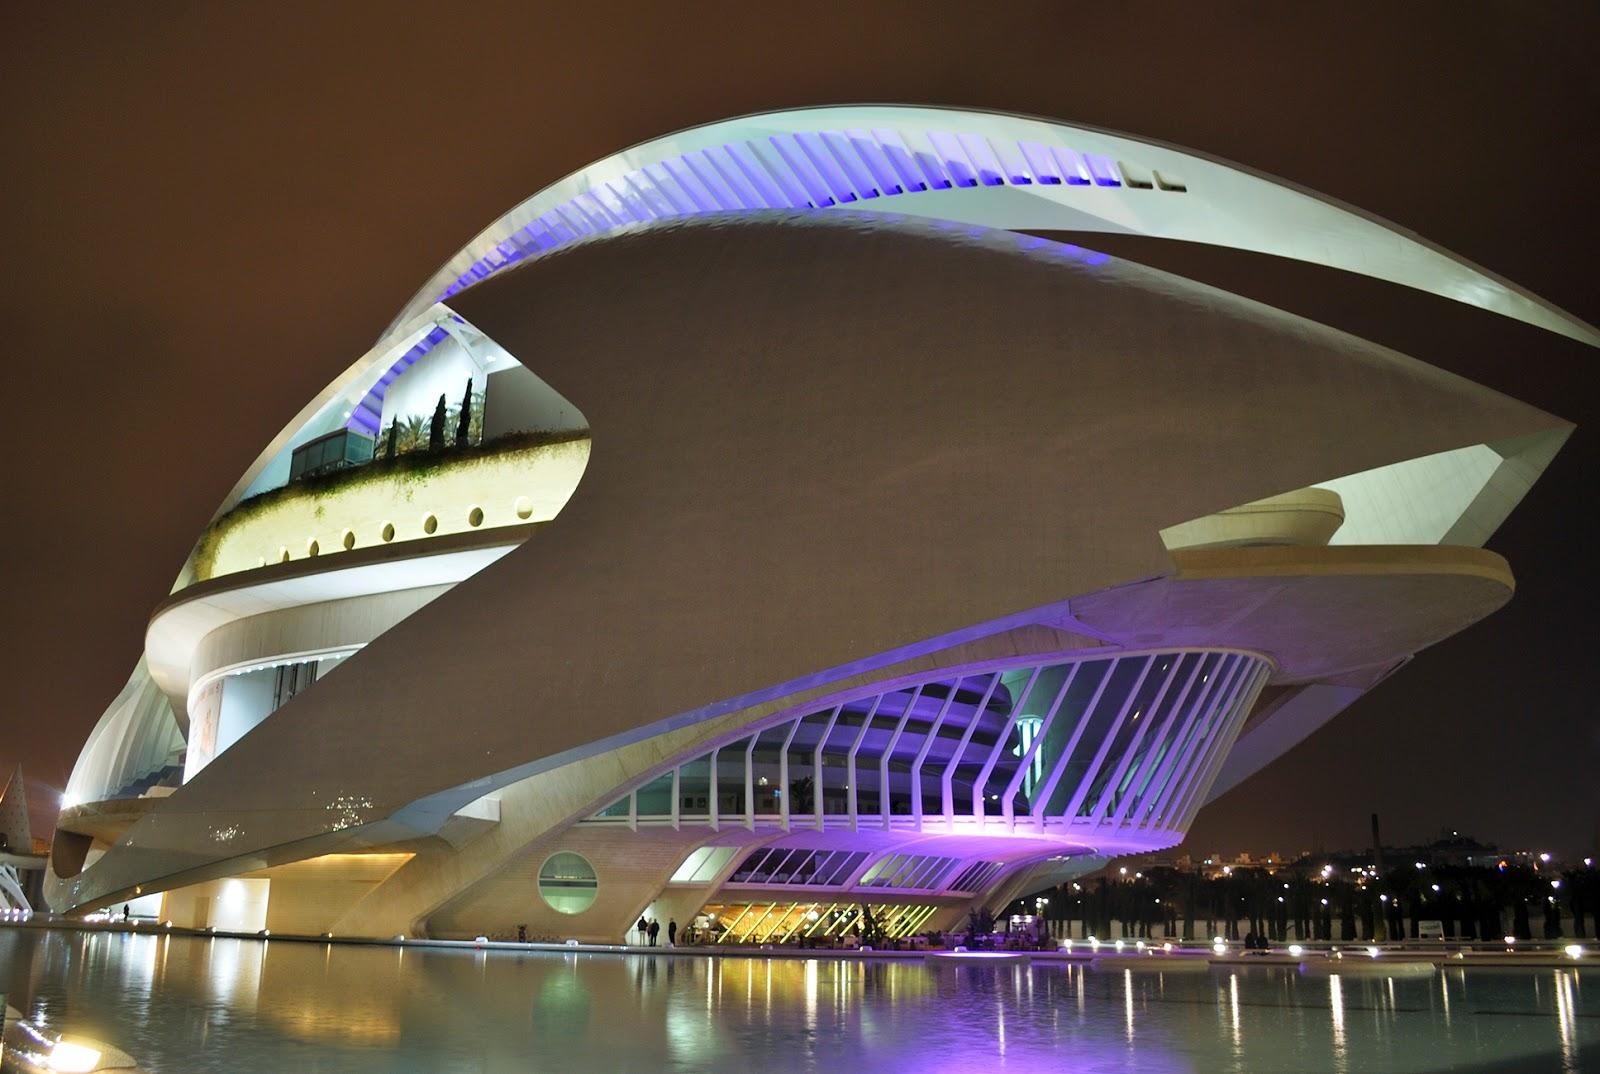 ciudad de las artes y las ciencias valencia city of arts and science nocturno noche night